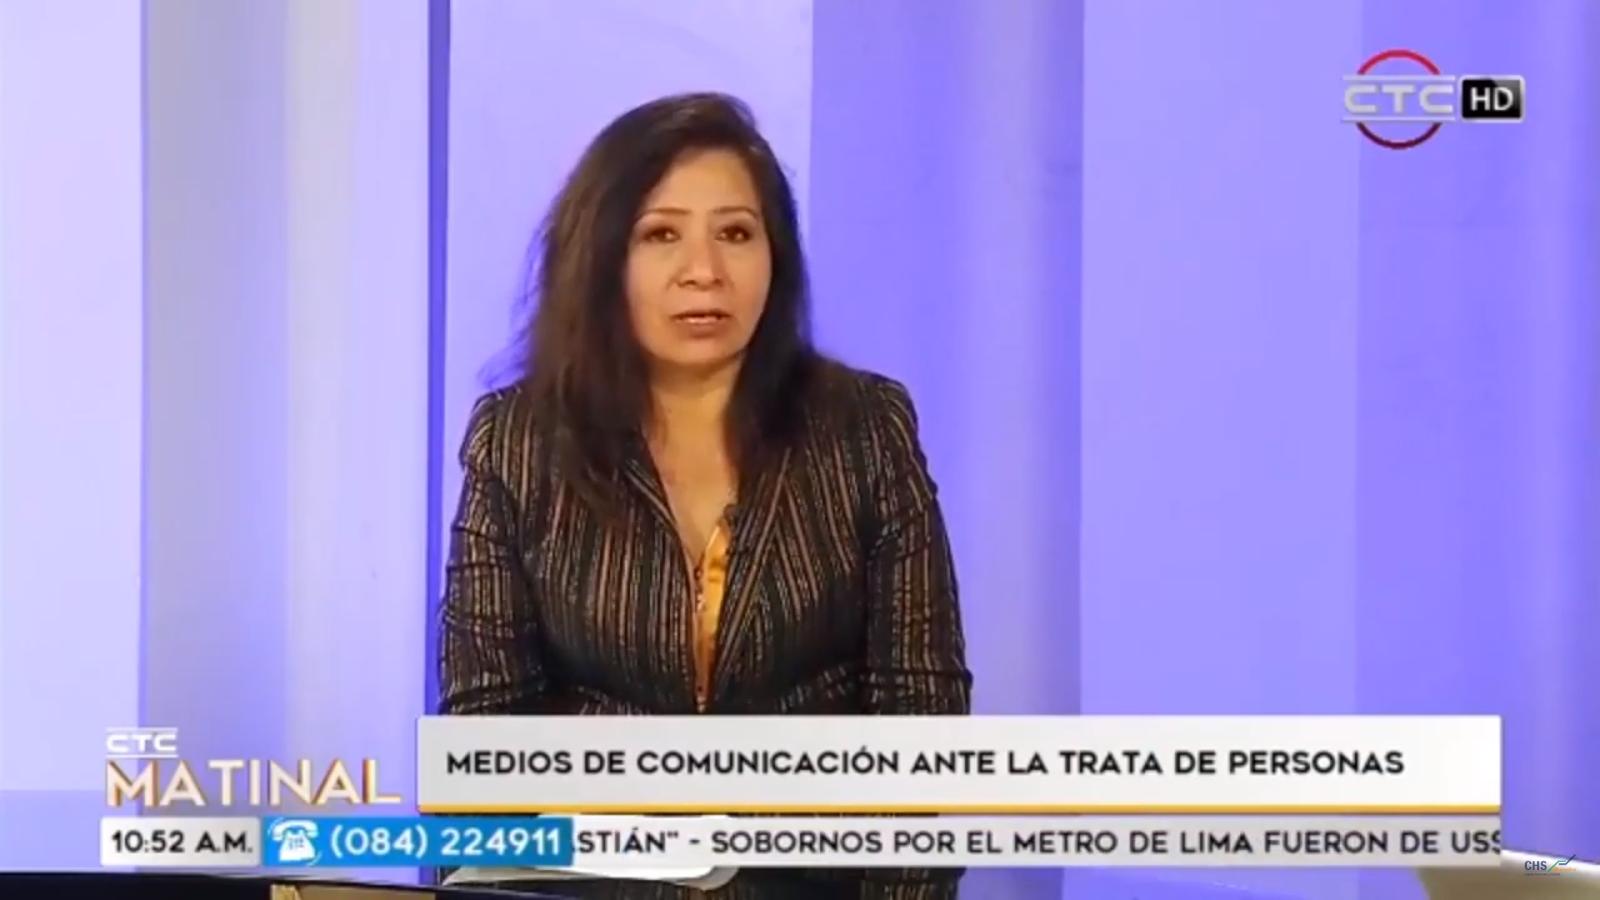 Medios de comunicación ante la trata de personas